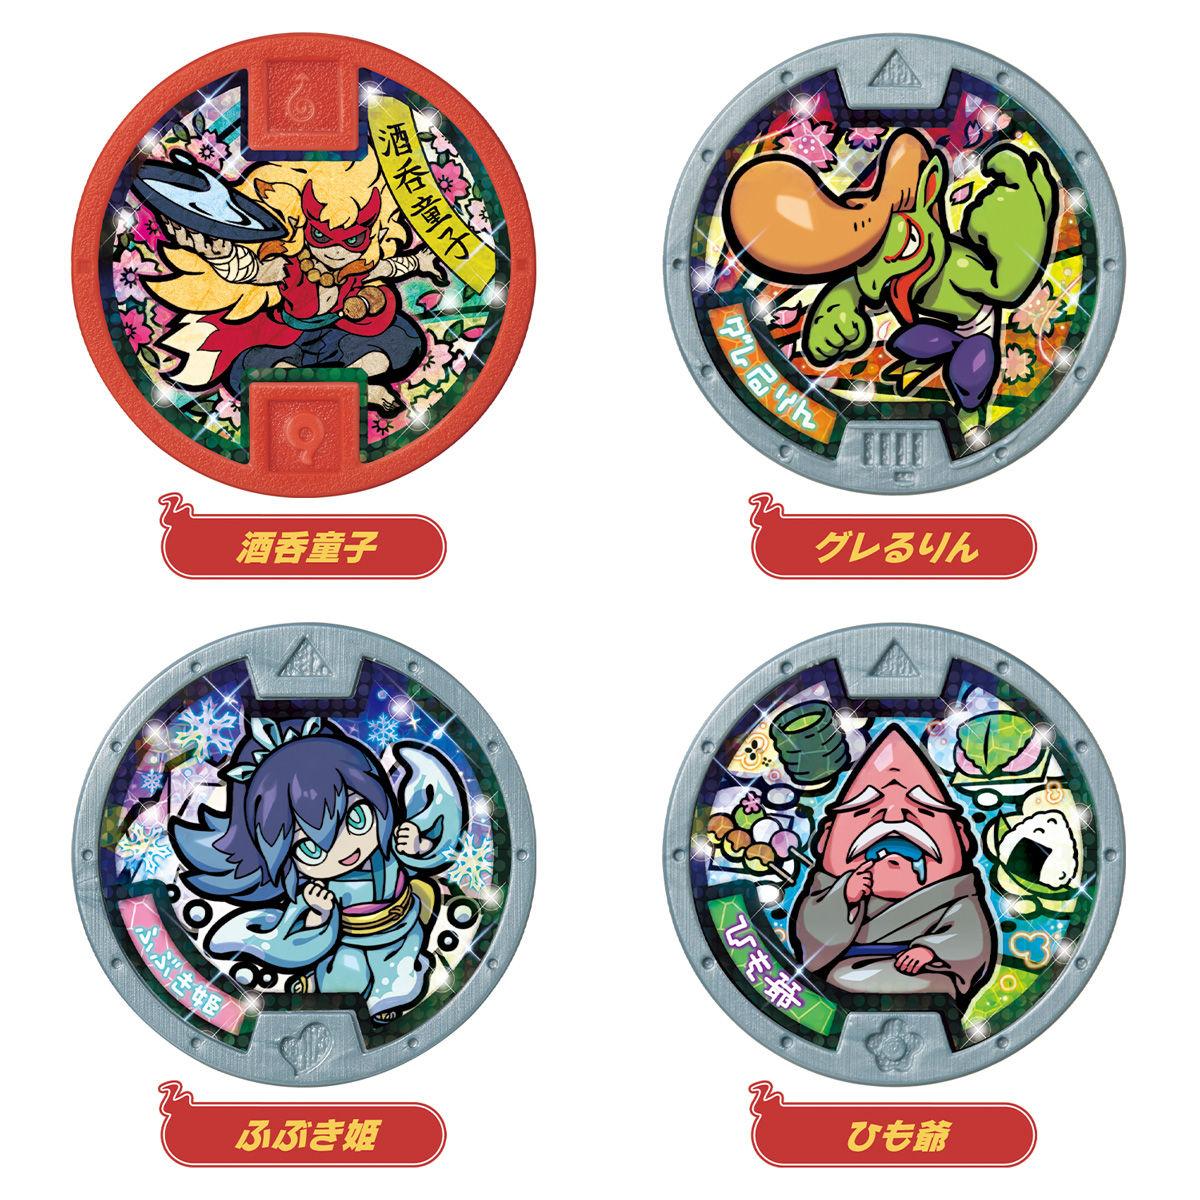 妖怪メダル♪ セット02 妖魔界からこんにちは!